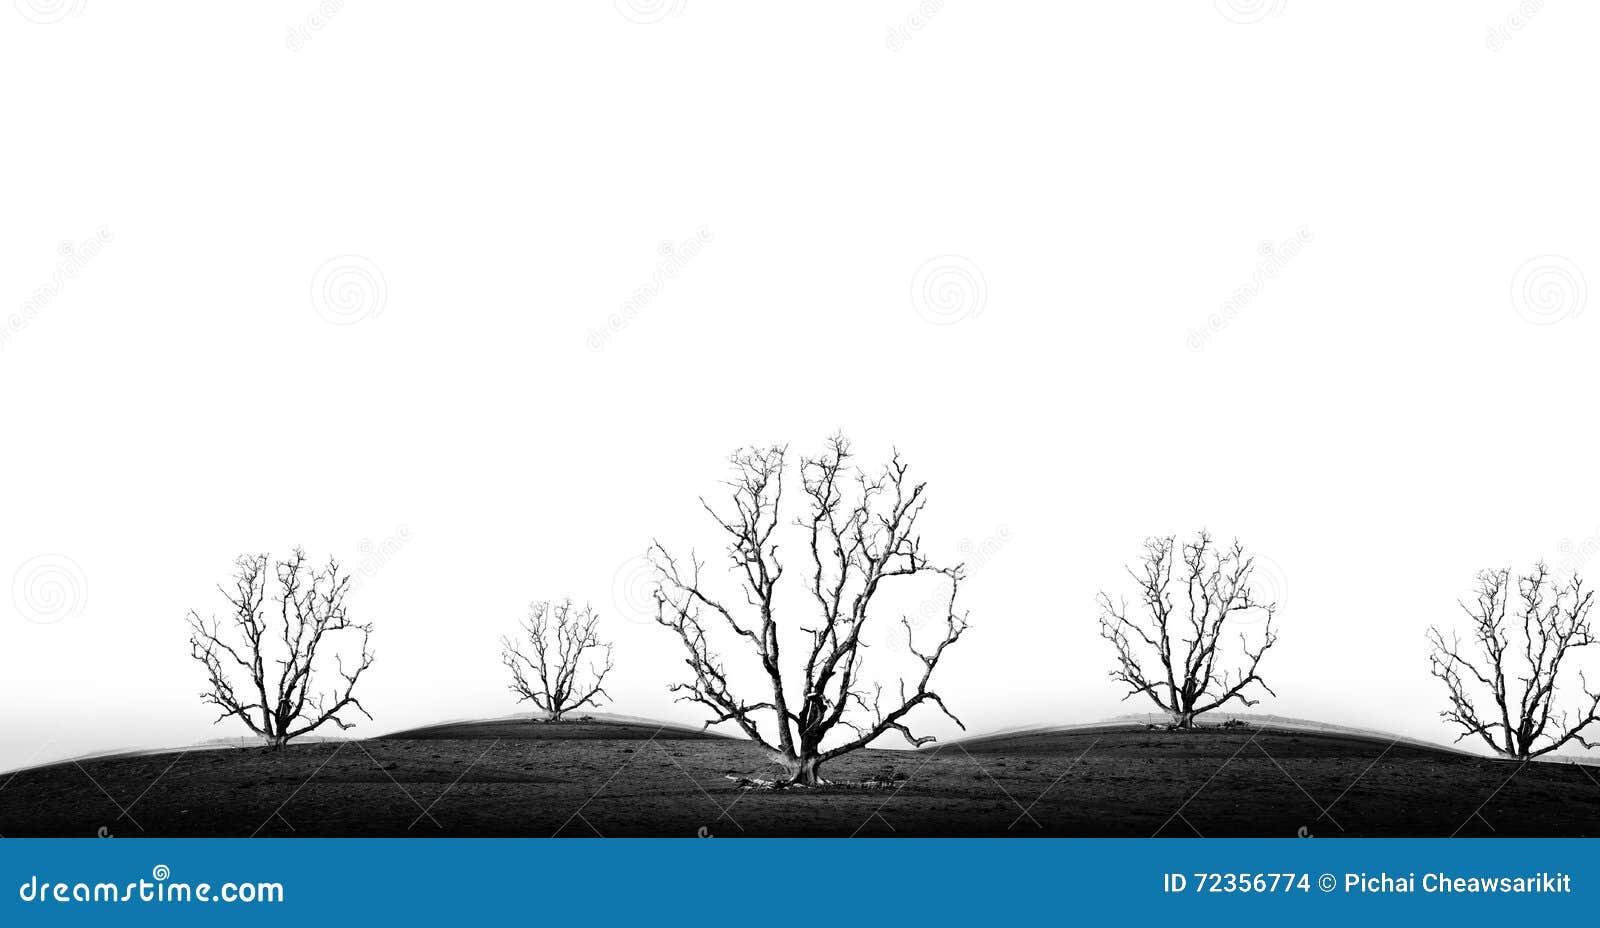 坏环境的概念图片在黑白口气的